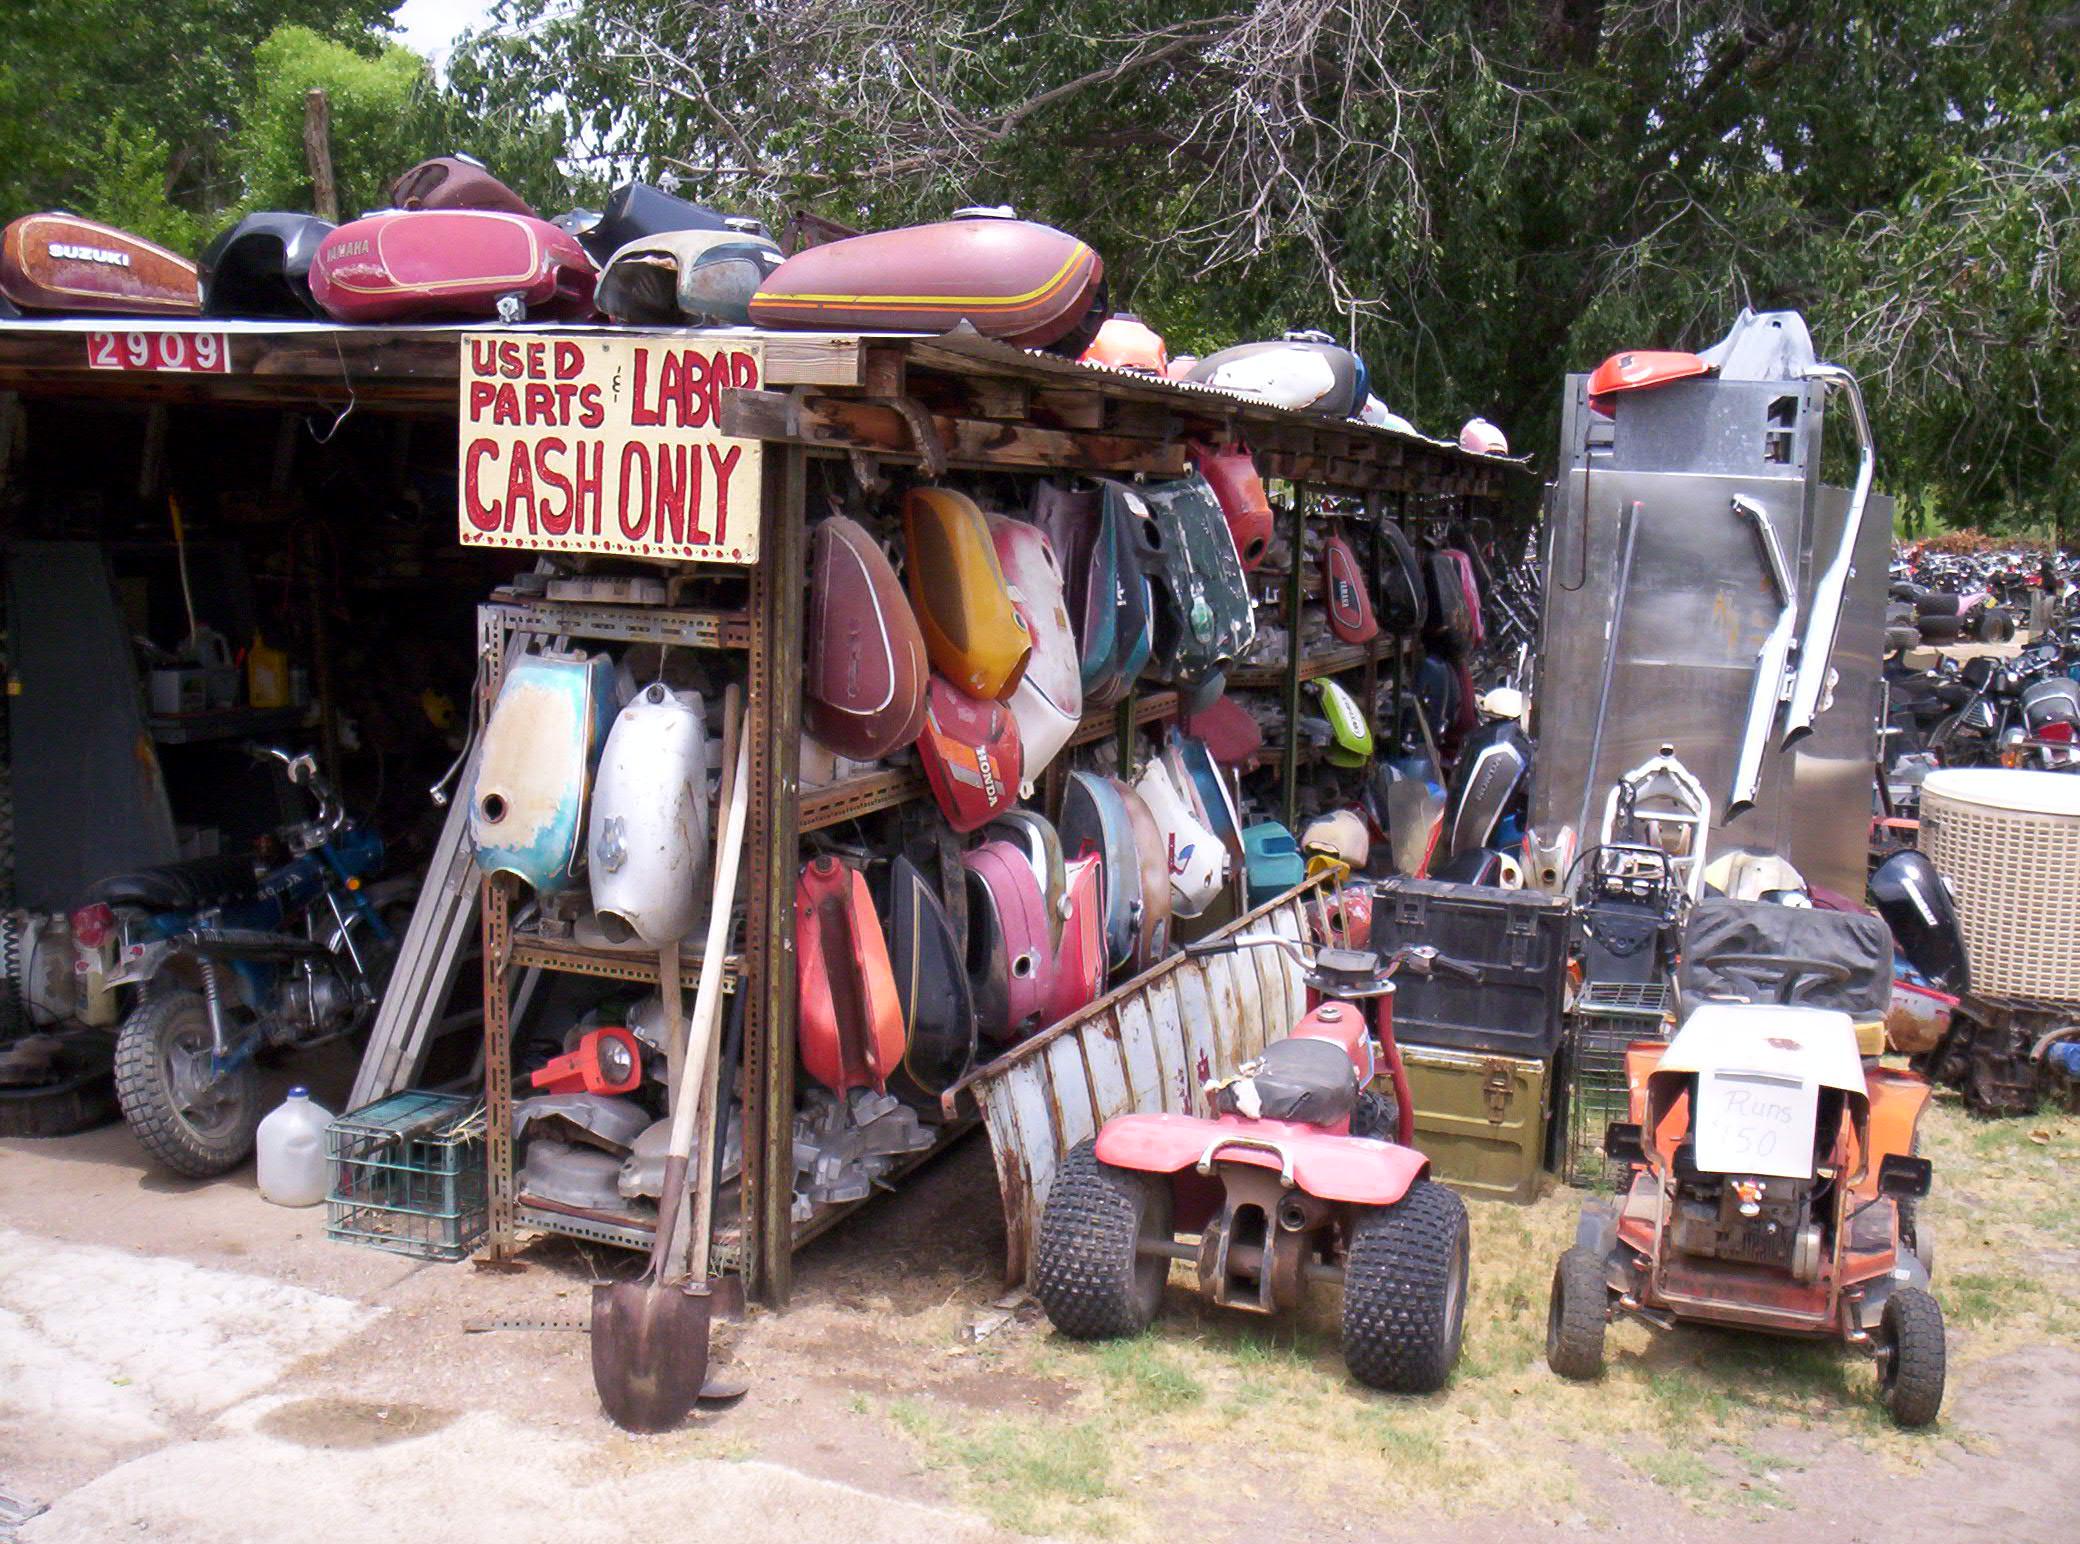 Old motorcycle junkyard